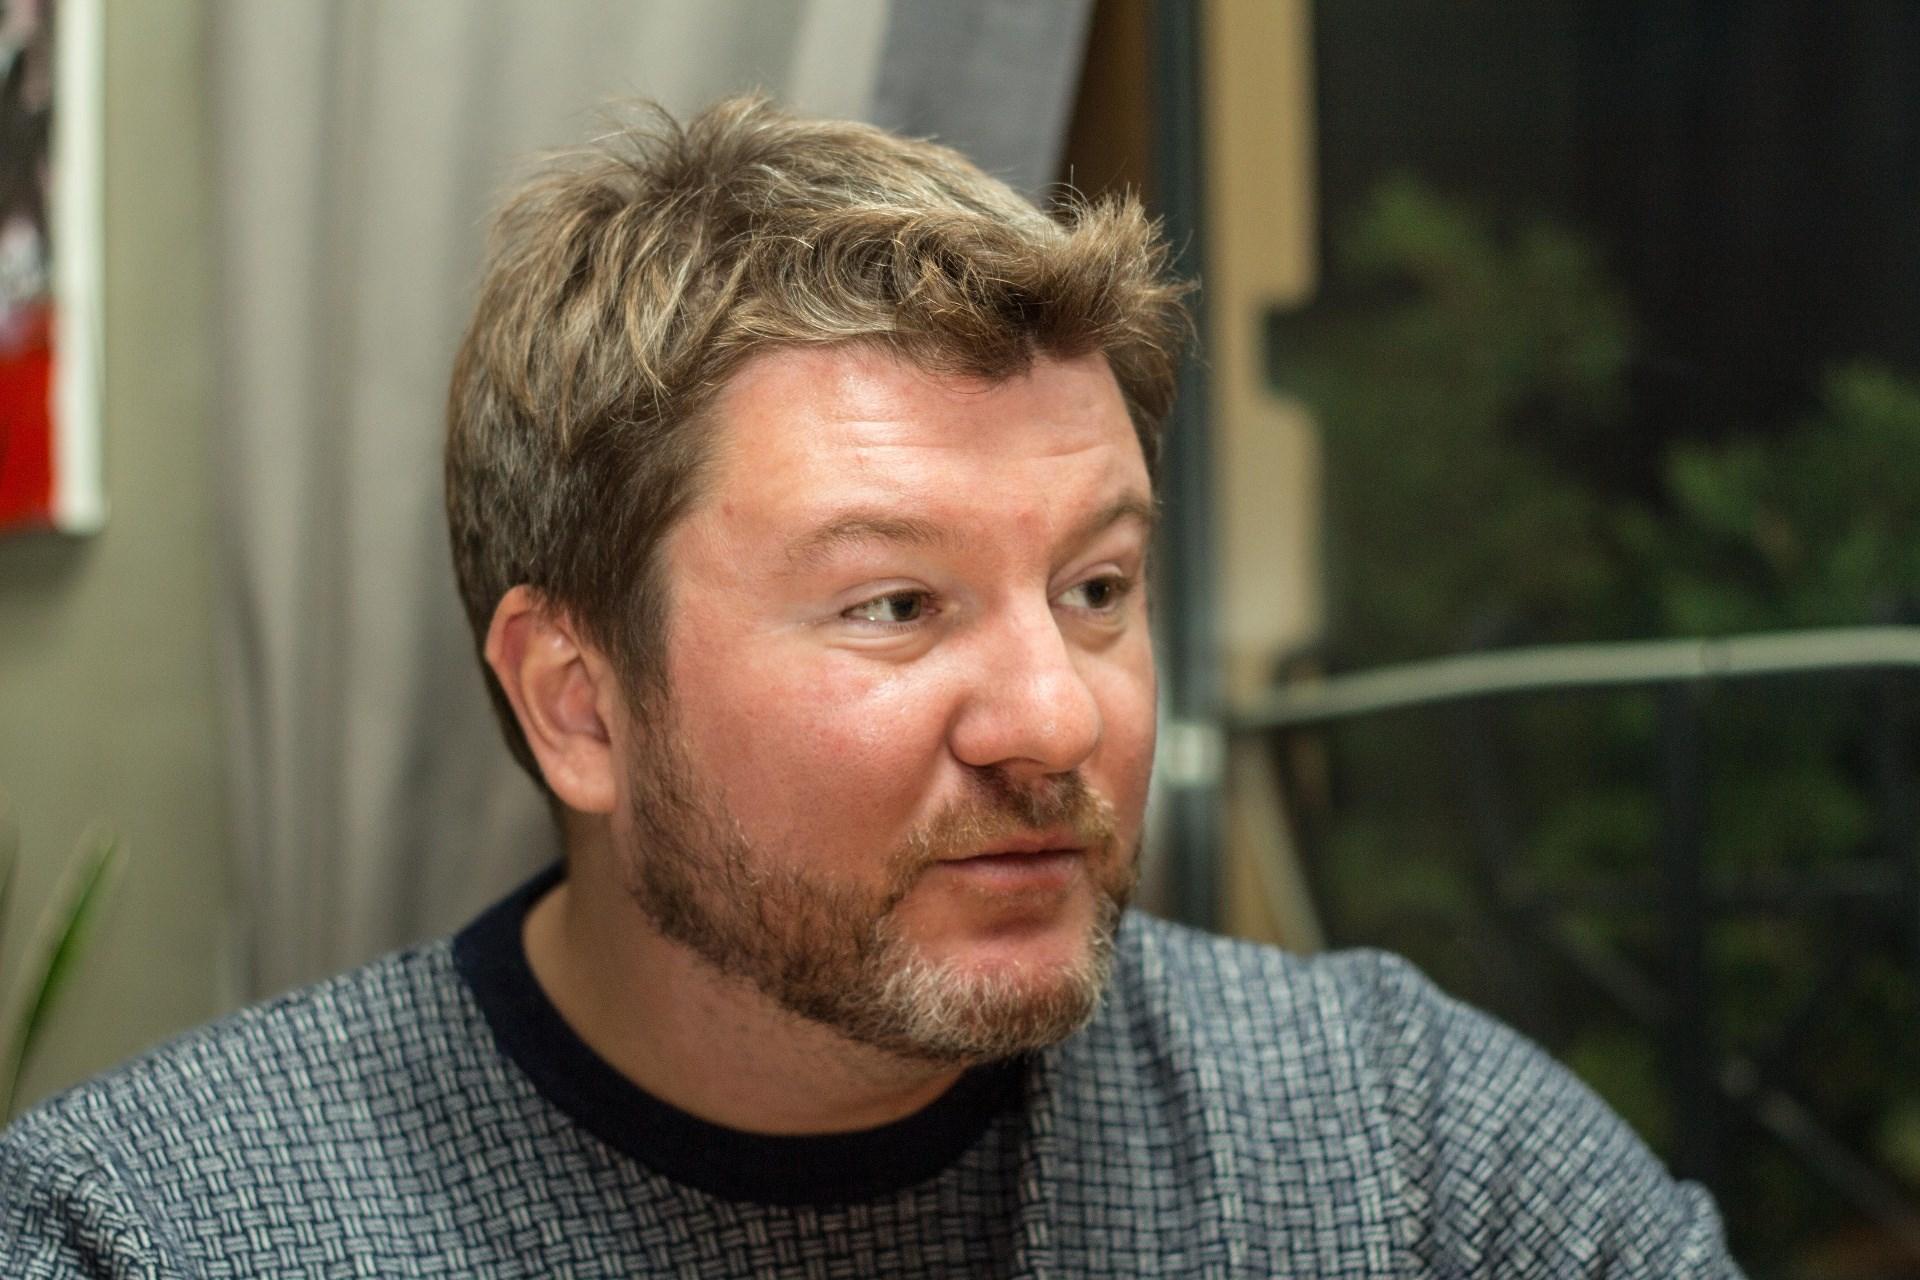 Ресторатор Дмитрий Борисов рассказал, про старт своей новой доставки еды